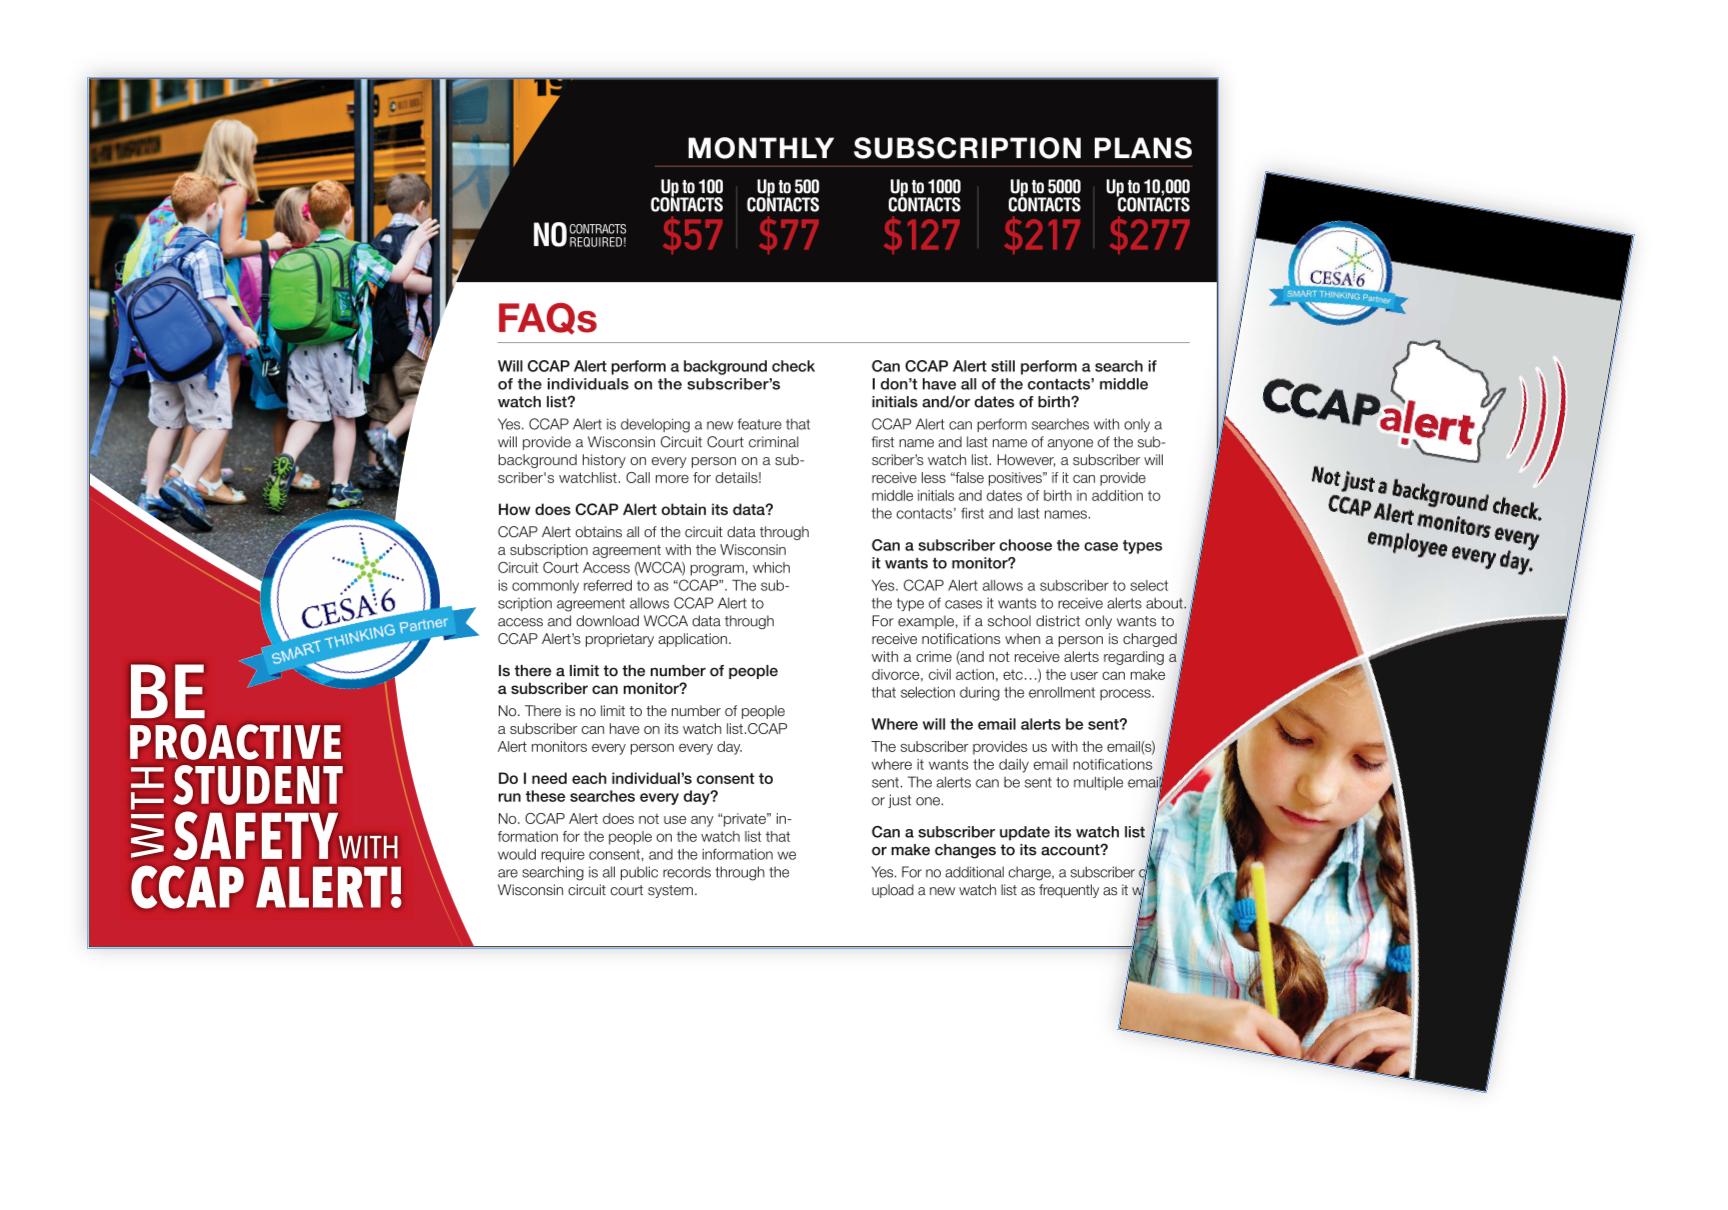 CCAP Alert brochure